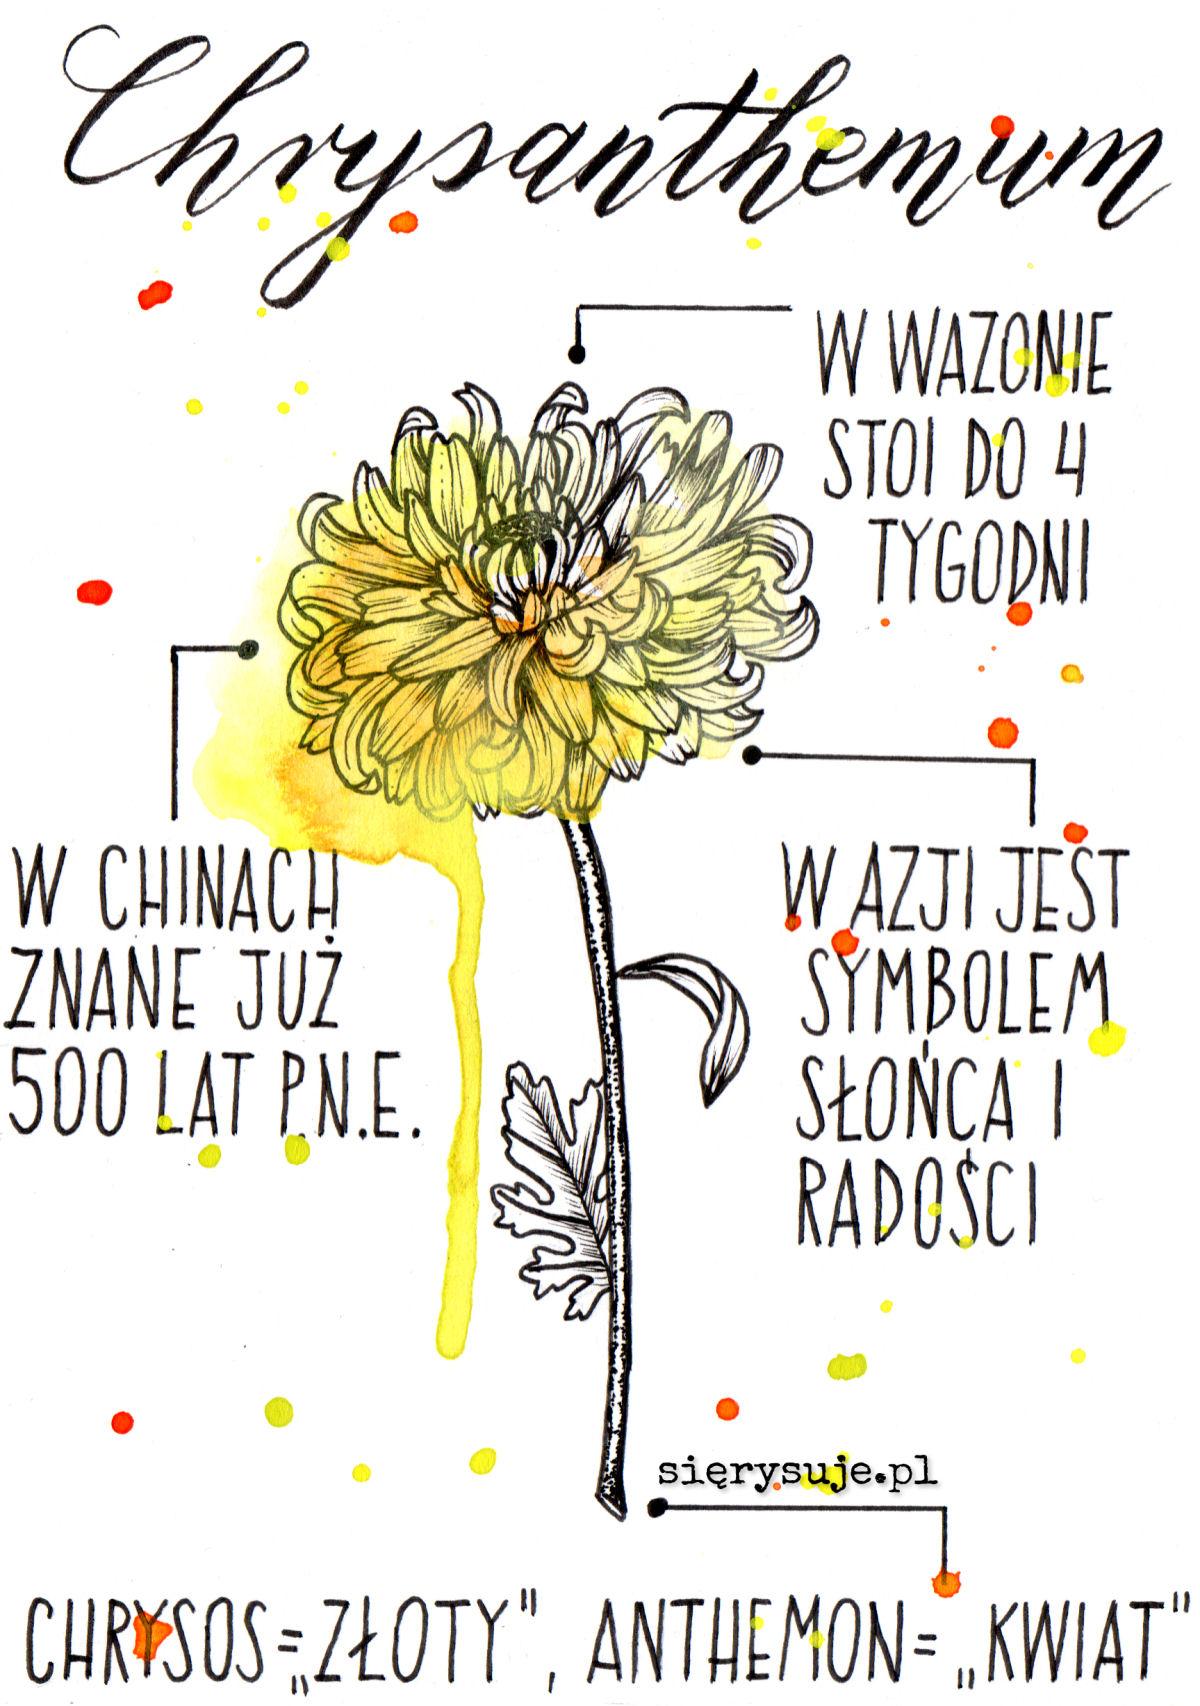 sierysuje.pl inktober podsumowanie rysunek